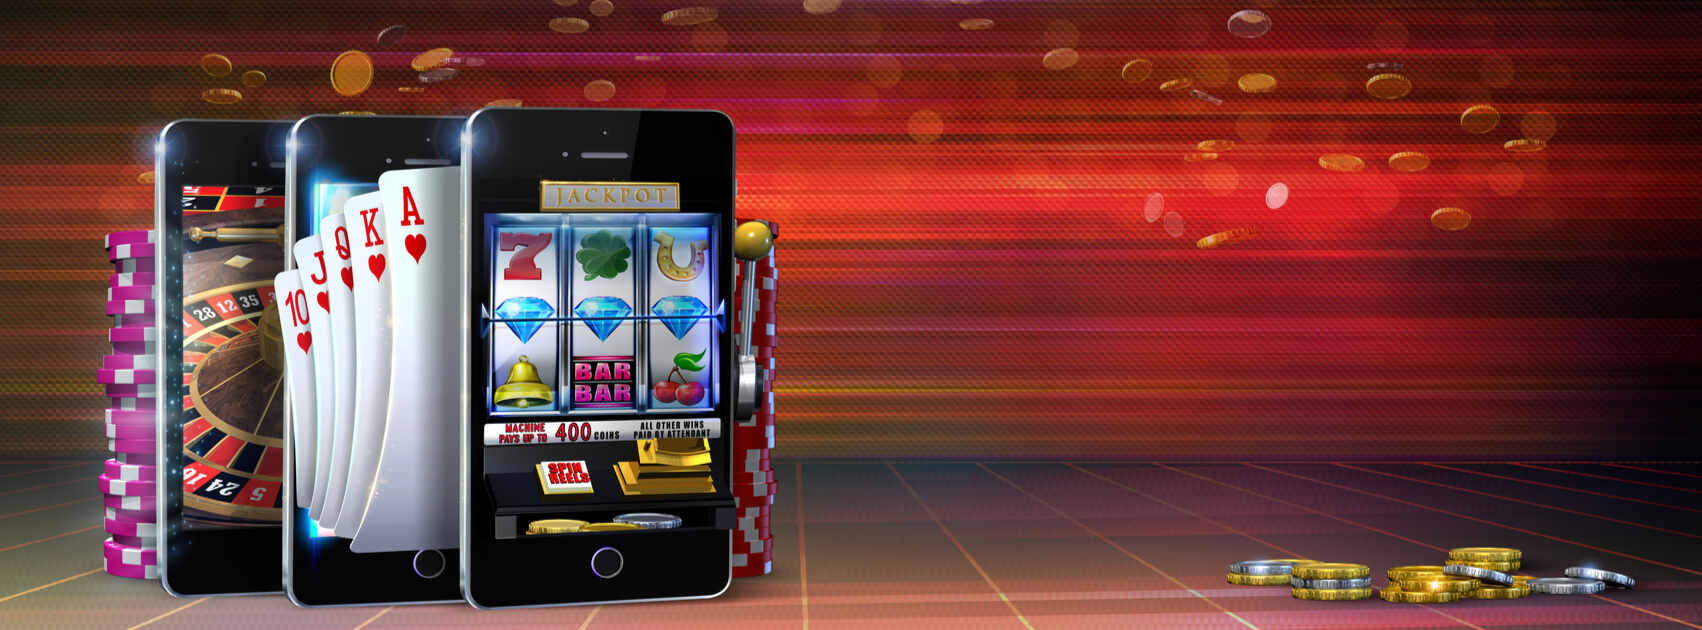 カジノアプリの10の長所vsクラシックなモバイルオンラインカジノ